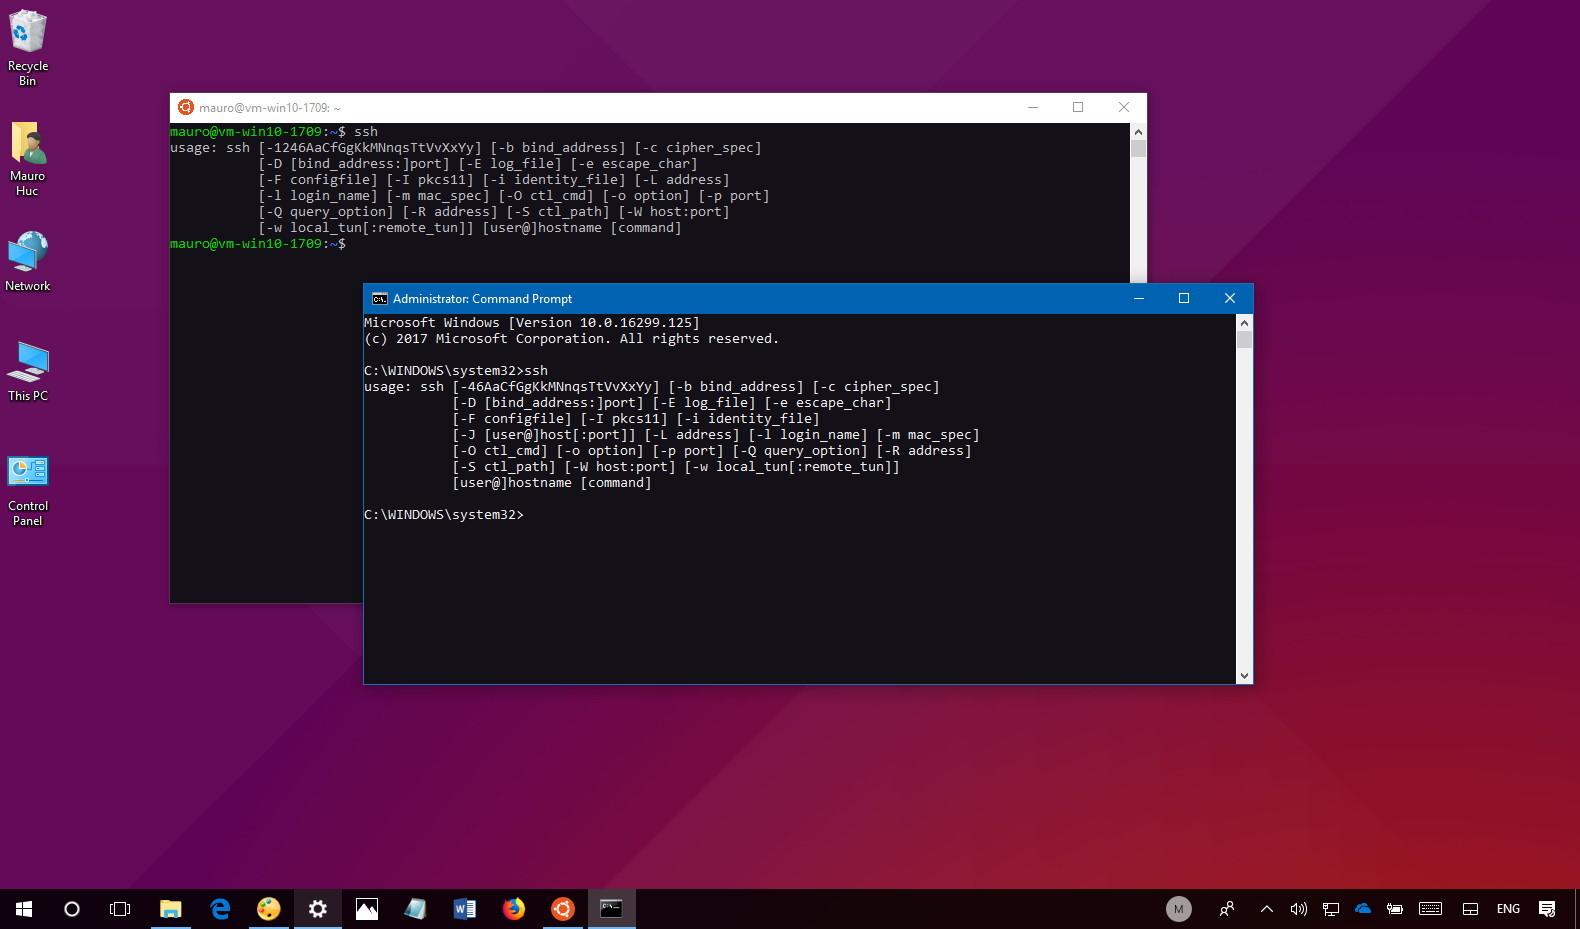 OpenSSH on Windows 10